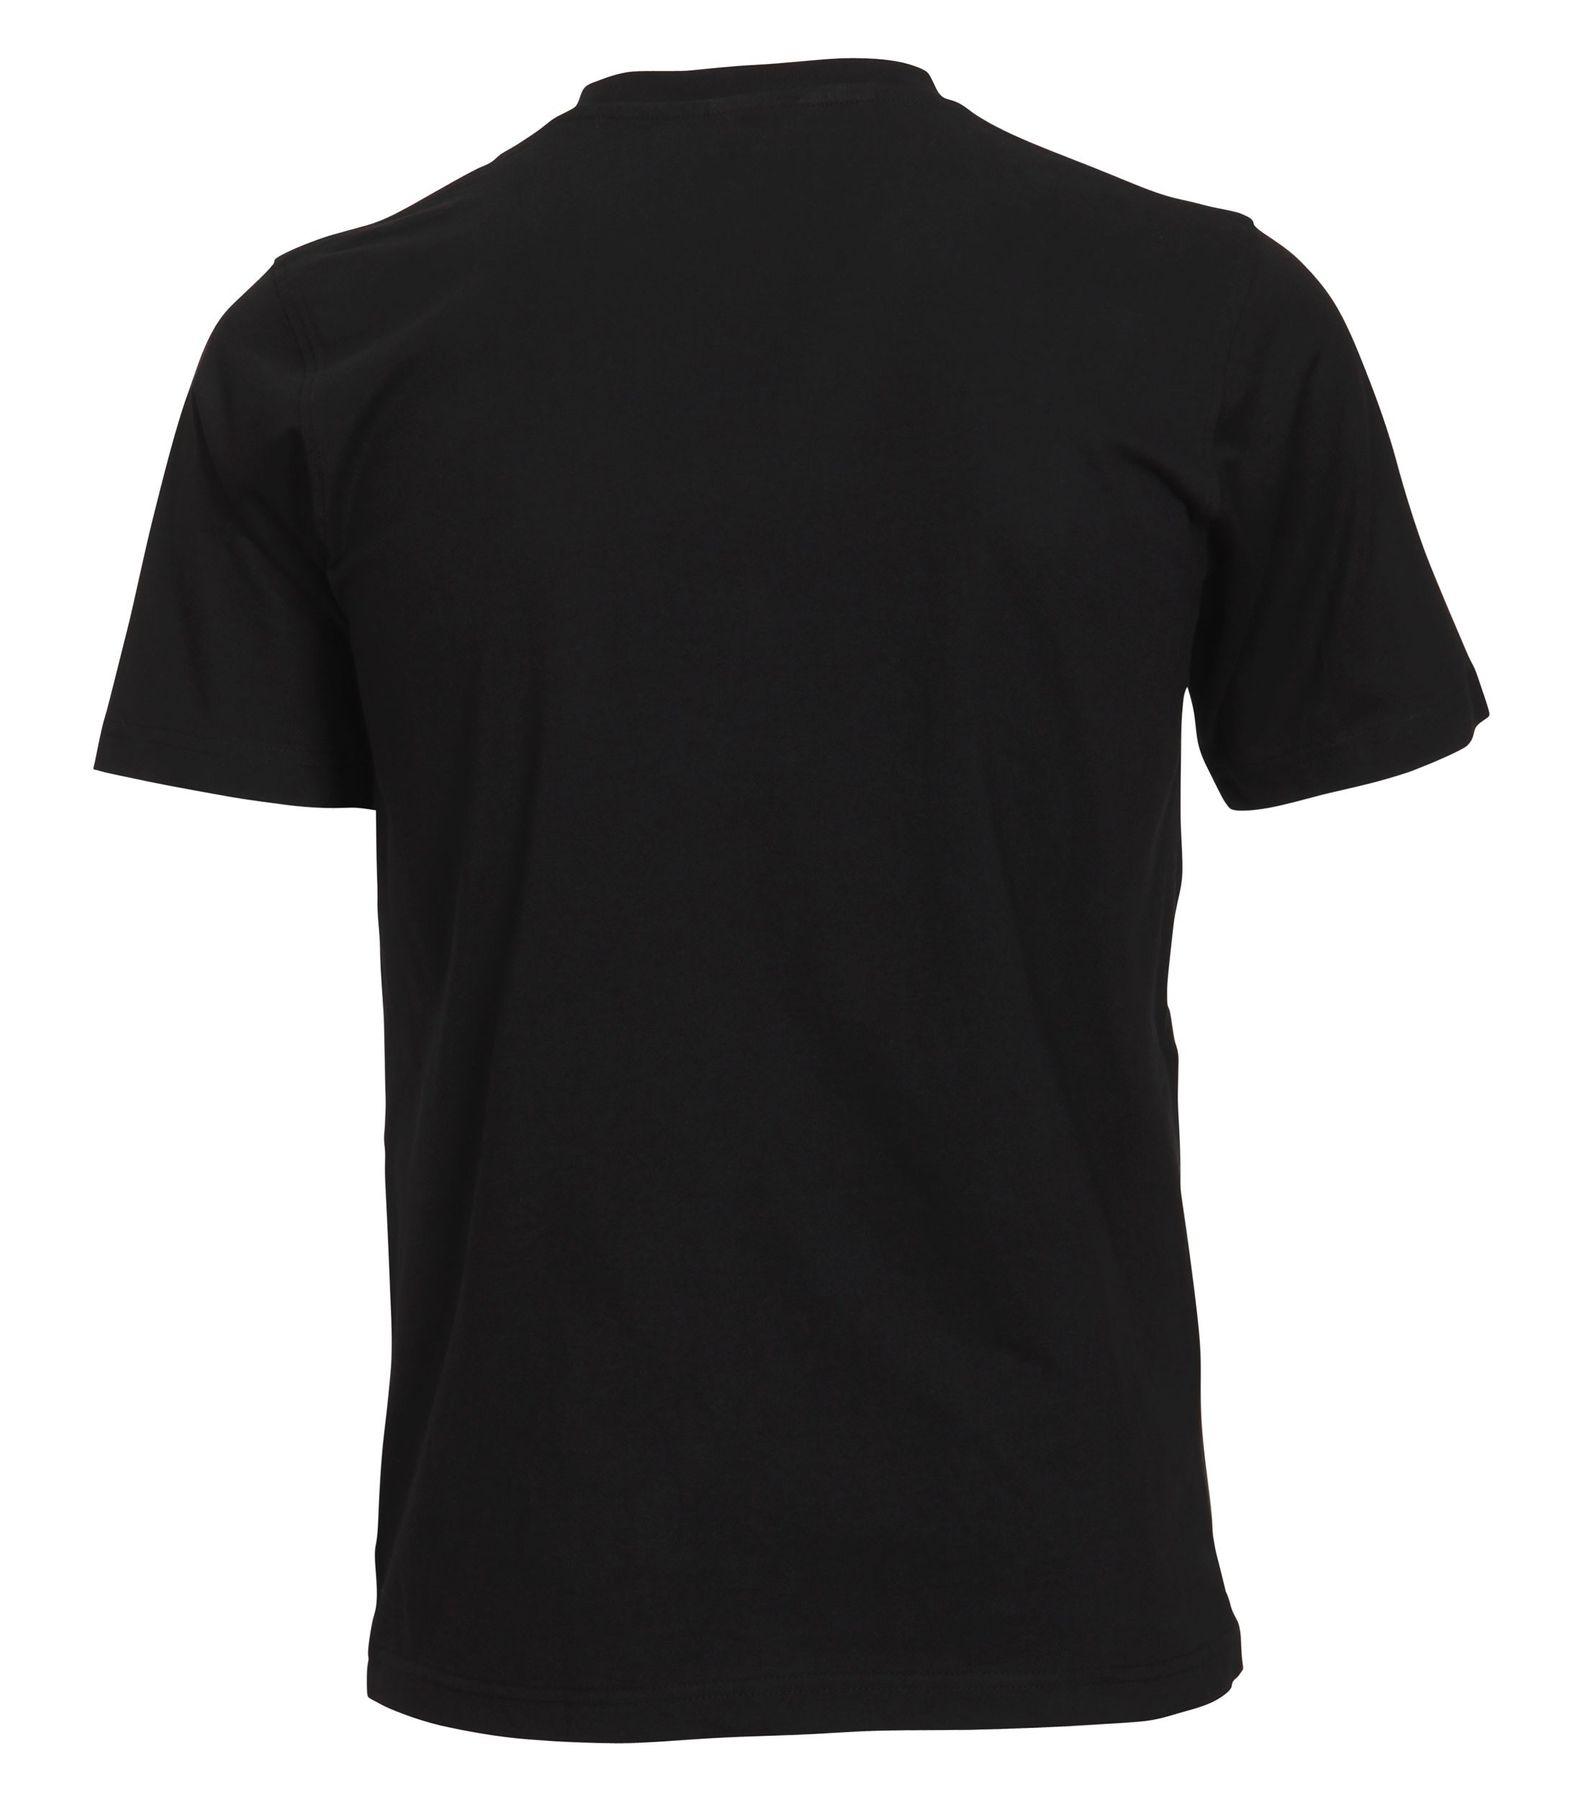 Casa Moda - Herren T-Shirt mit Rundhals im 2er Pack, schwarz oder weiß, S-6XL (092180) – Bild 2